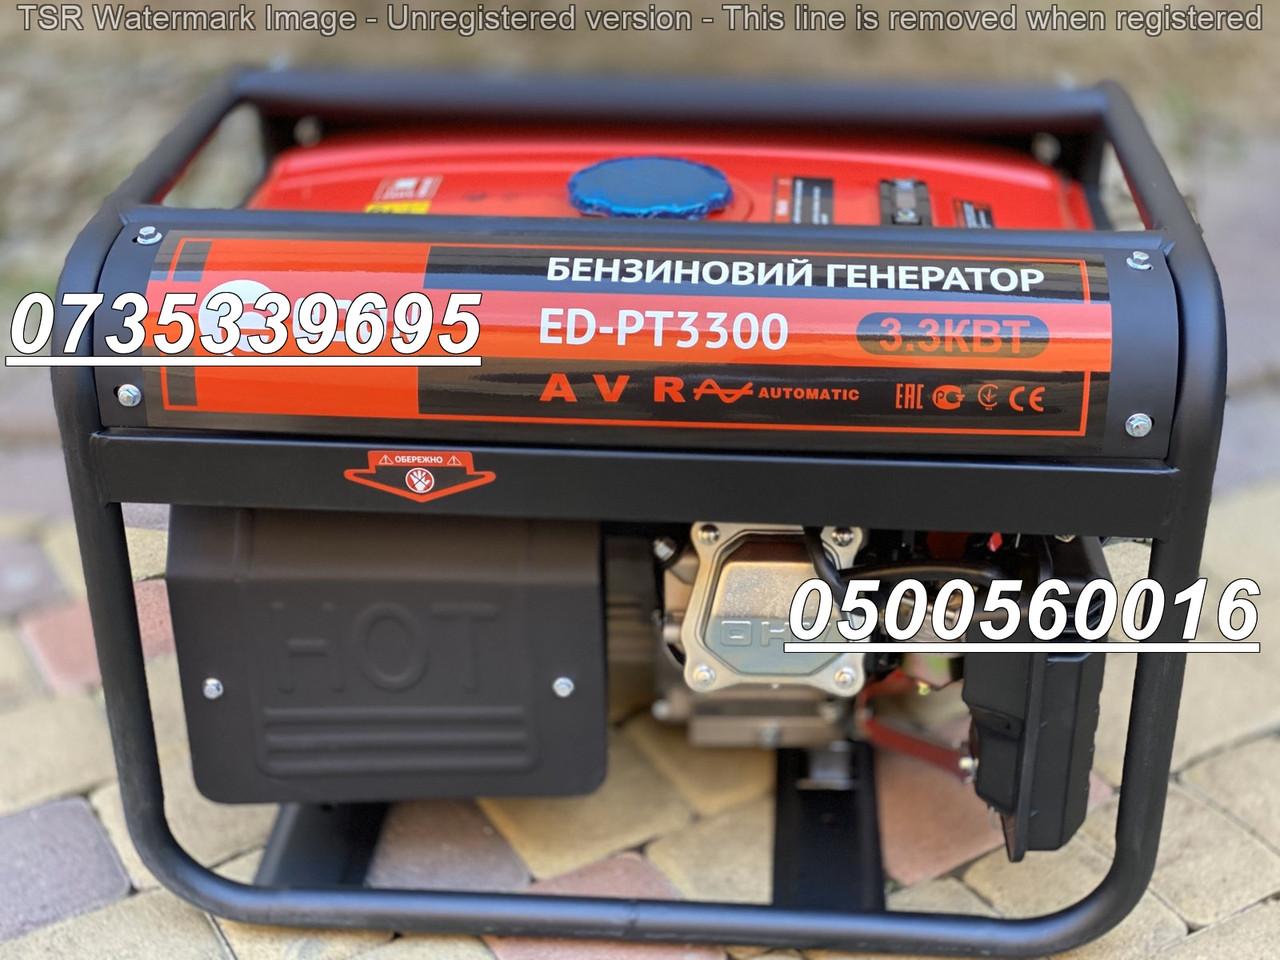 Электрогенератор бензиновый Edon ED-PT3300 3.3 kW медная обмотка